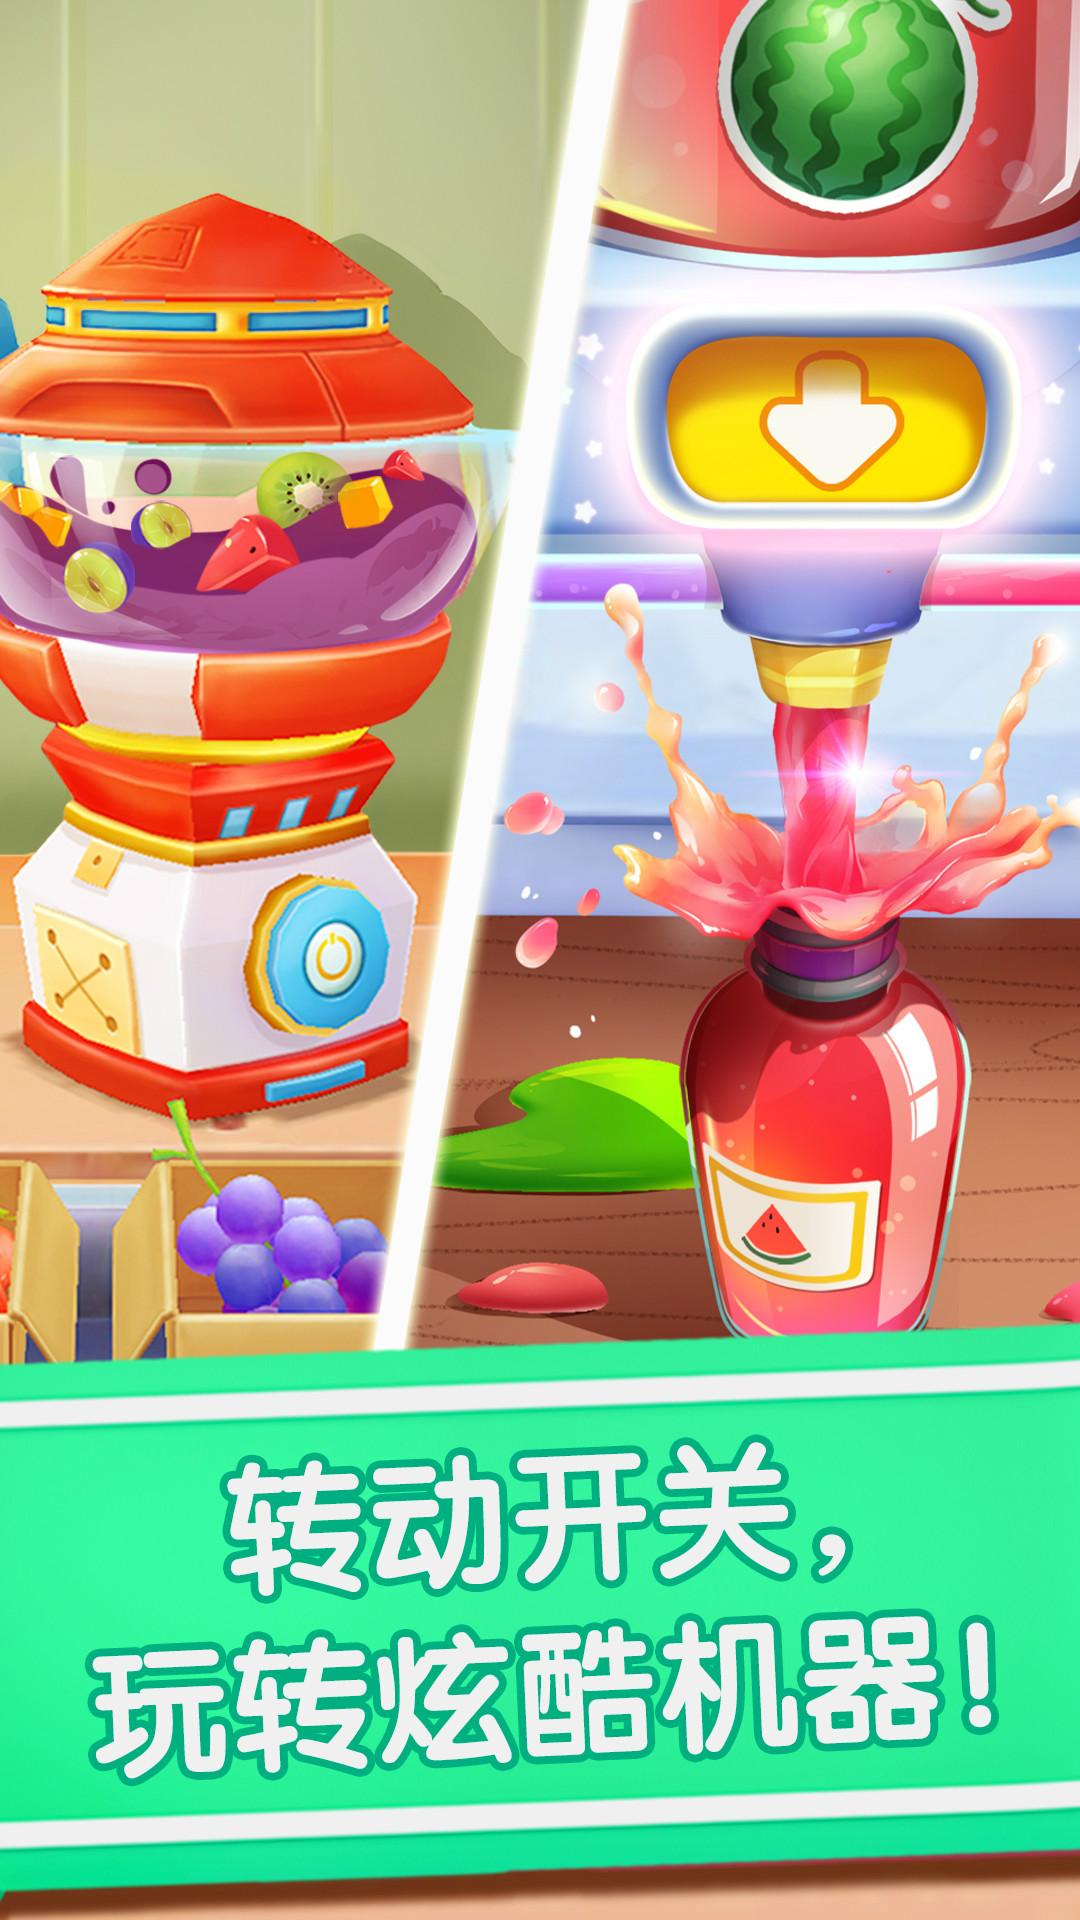 宝宝冰淇淋工厂截图(3)